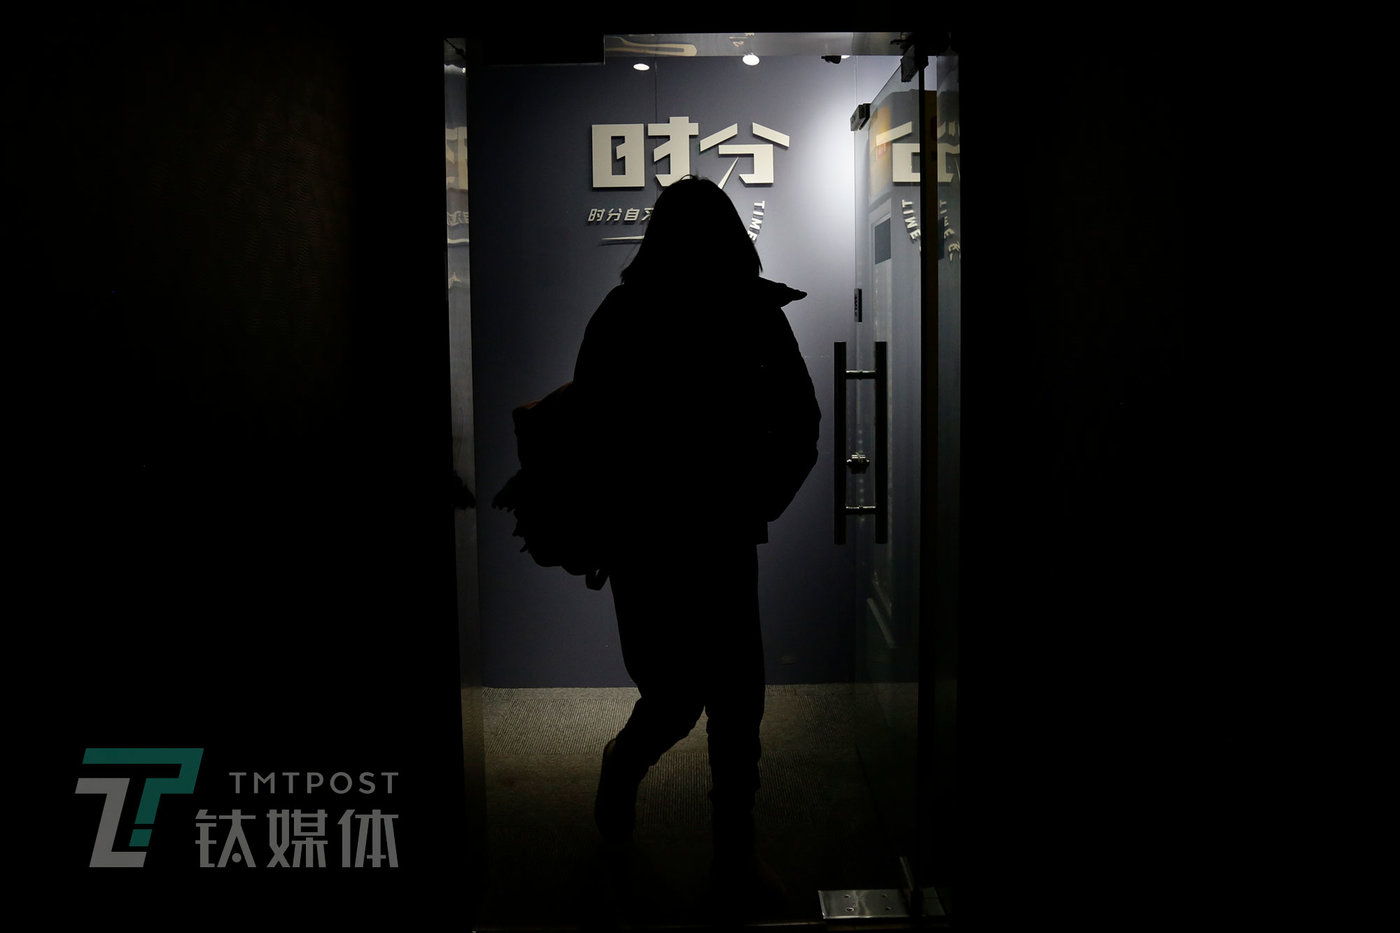 11月20日晚7点,时分自习室,一名顾客走出自习室大门。